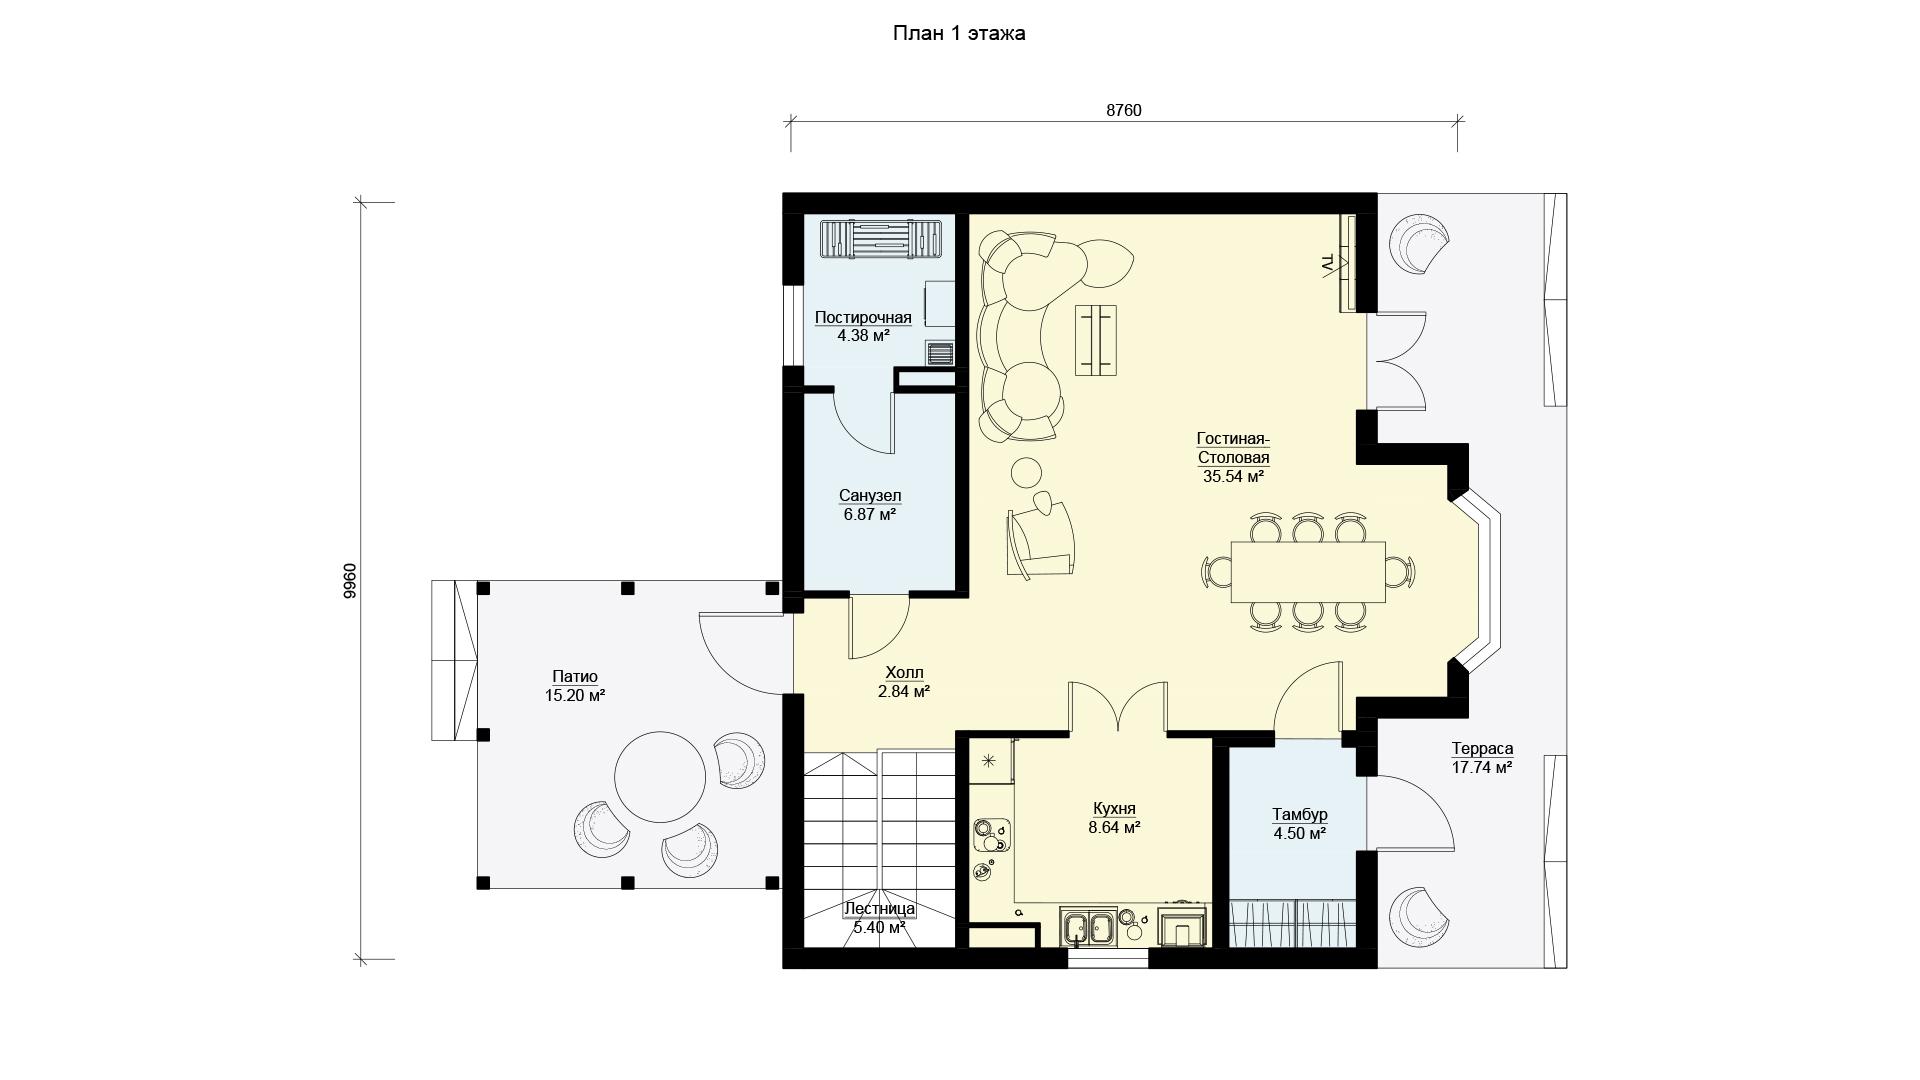 План первого этажа двухэтажного дома, проект БЭНПАН МС-164/1/К.